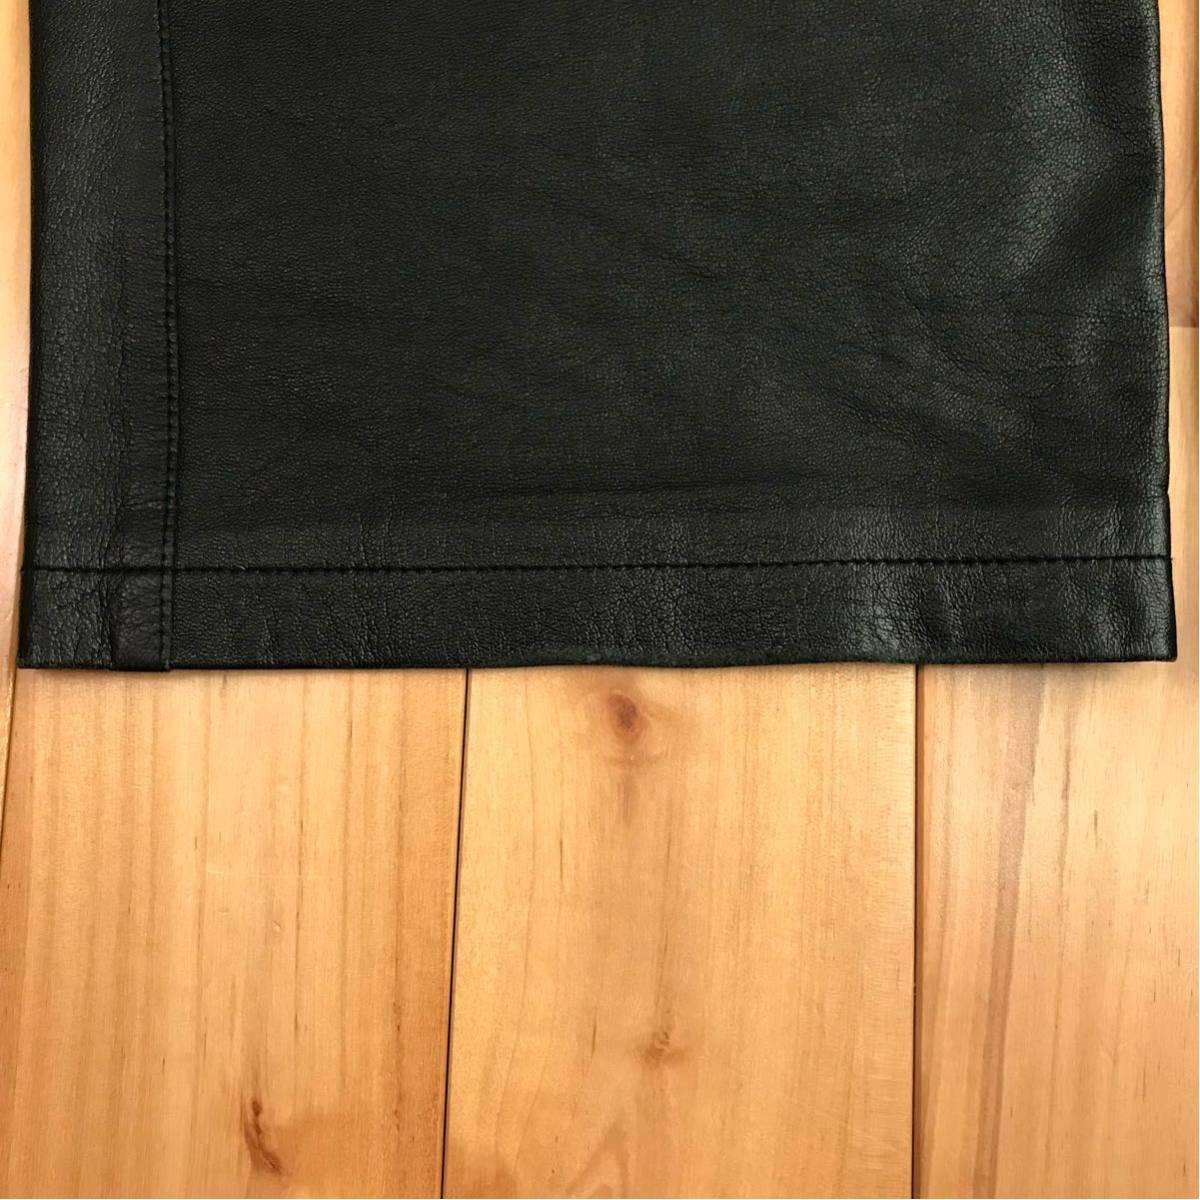 ★初期★ シープスキン レザーパンツ Mサイズ a bathing ape BAPE sta sheepskin leather pants BAPEsta 羊革 エイプ ベイプ nigo vintage